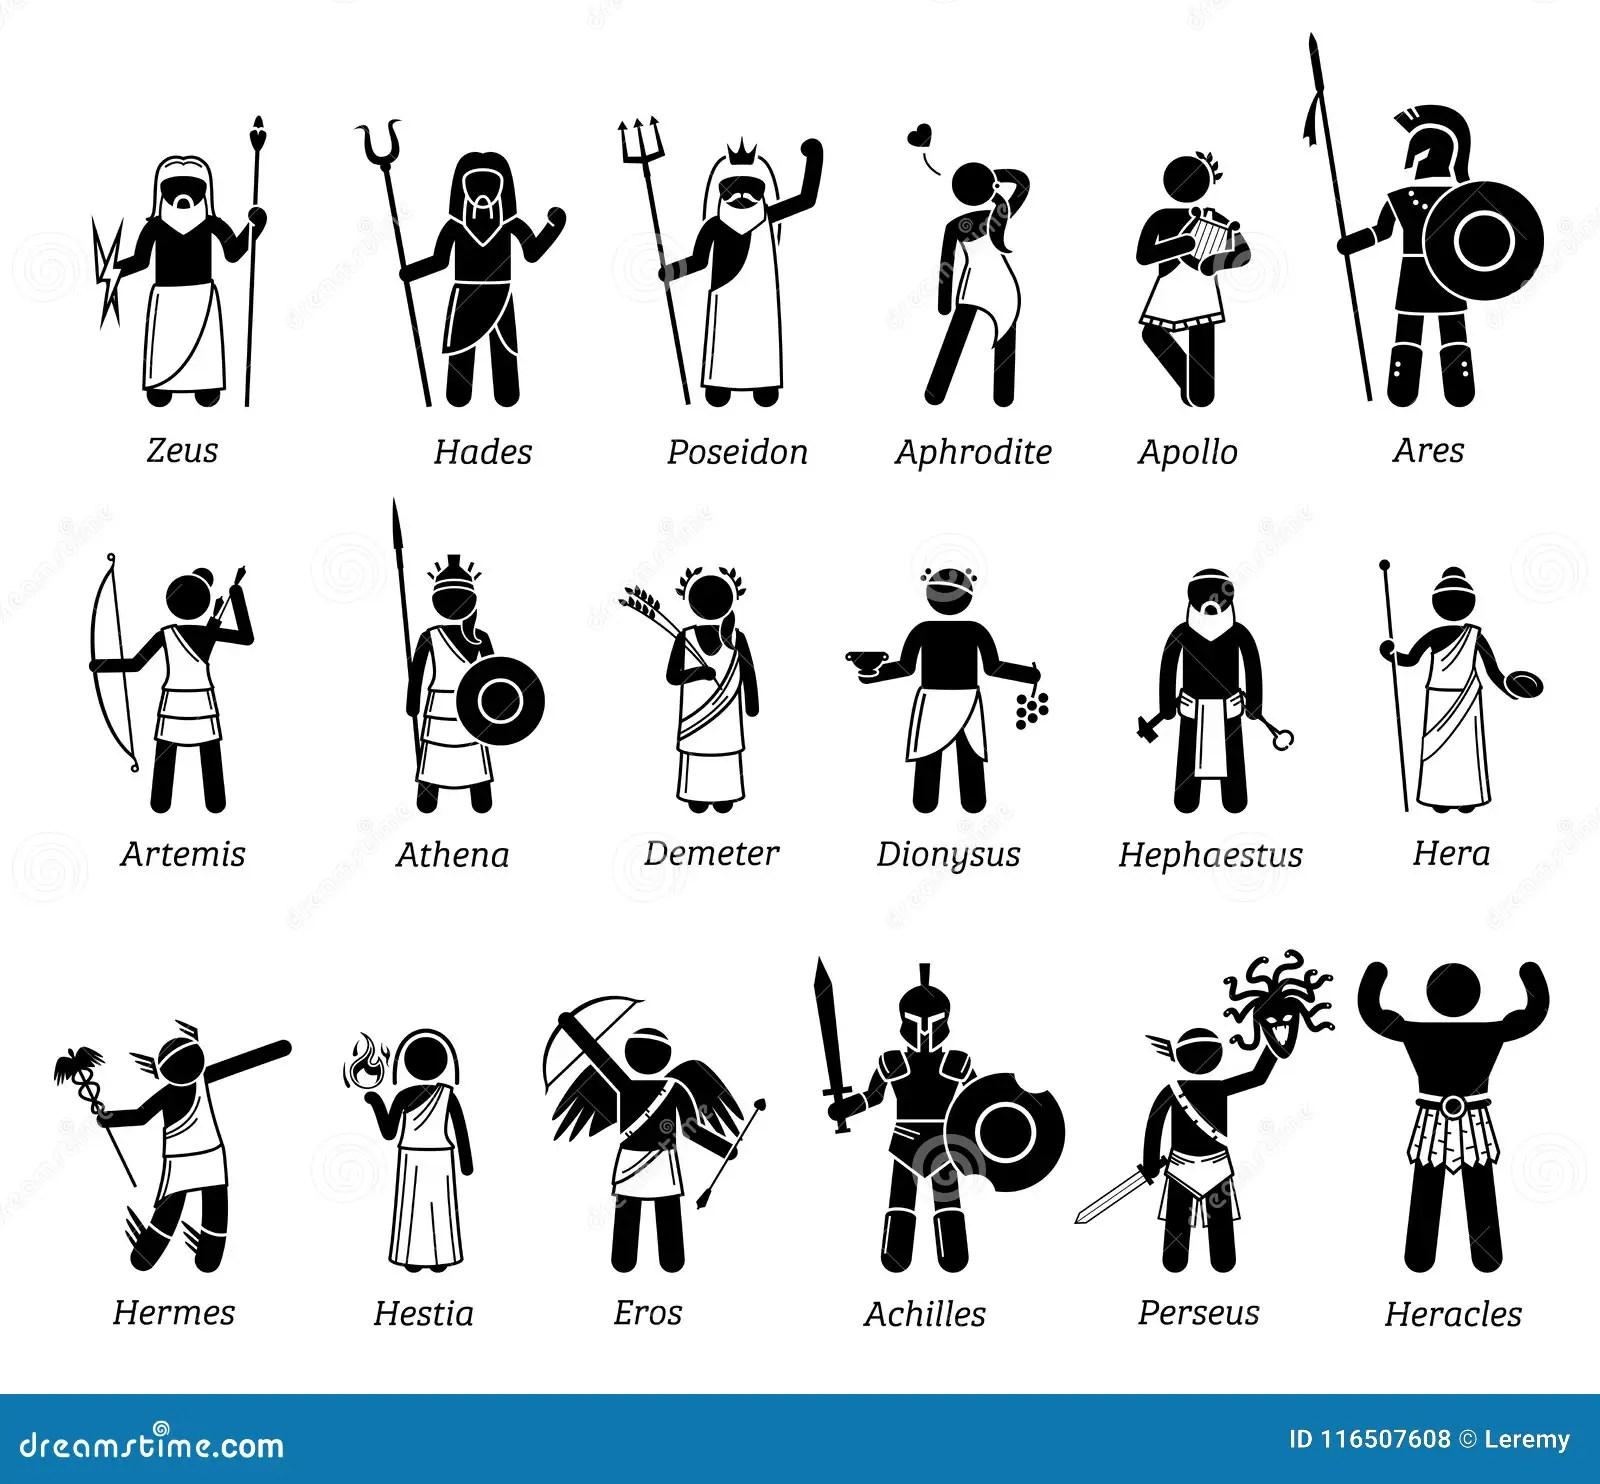 Greek gods and goddesses. Greek Gods & Goddesses. 2019-03-01